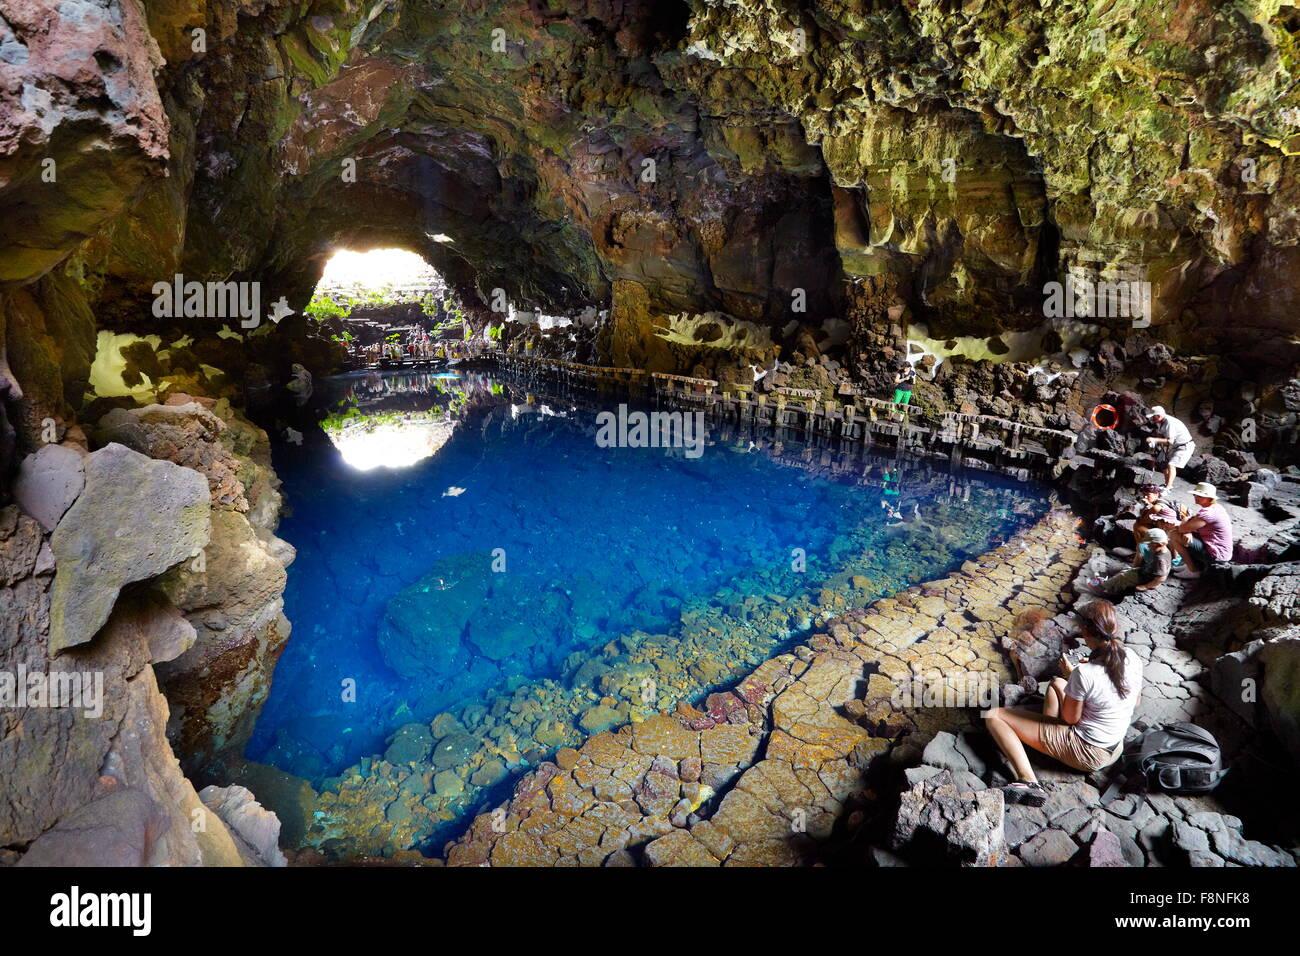 Insel Lanzarote, Jameos del Aqua, unterirdischen See in vulkanischen Höhle, Kanarische Inseln, Spanien Stockbild